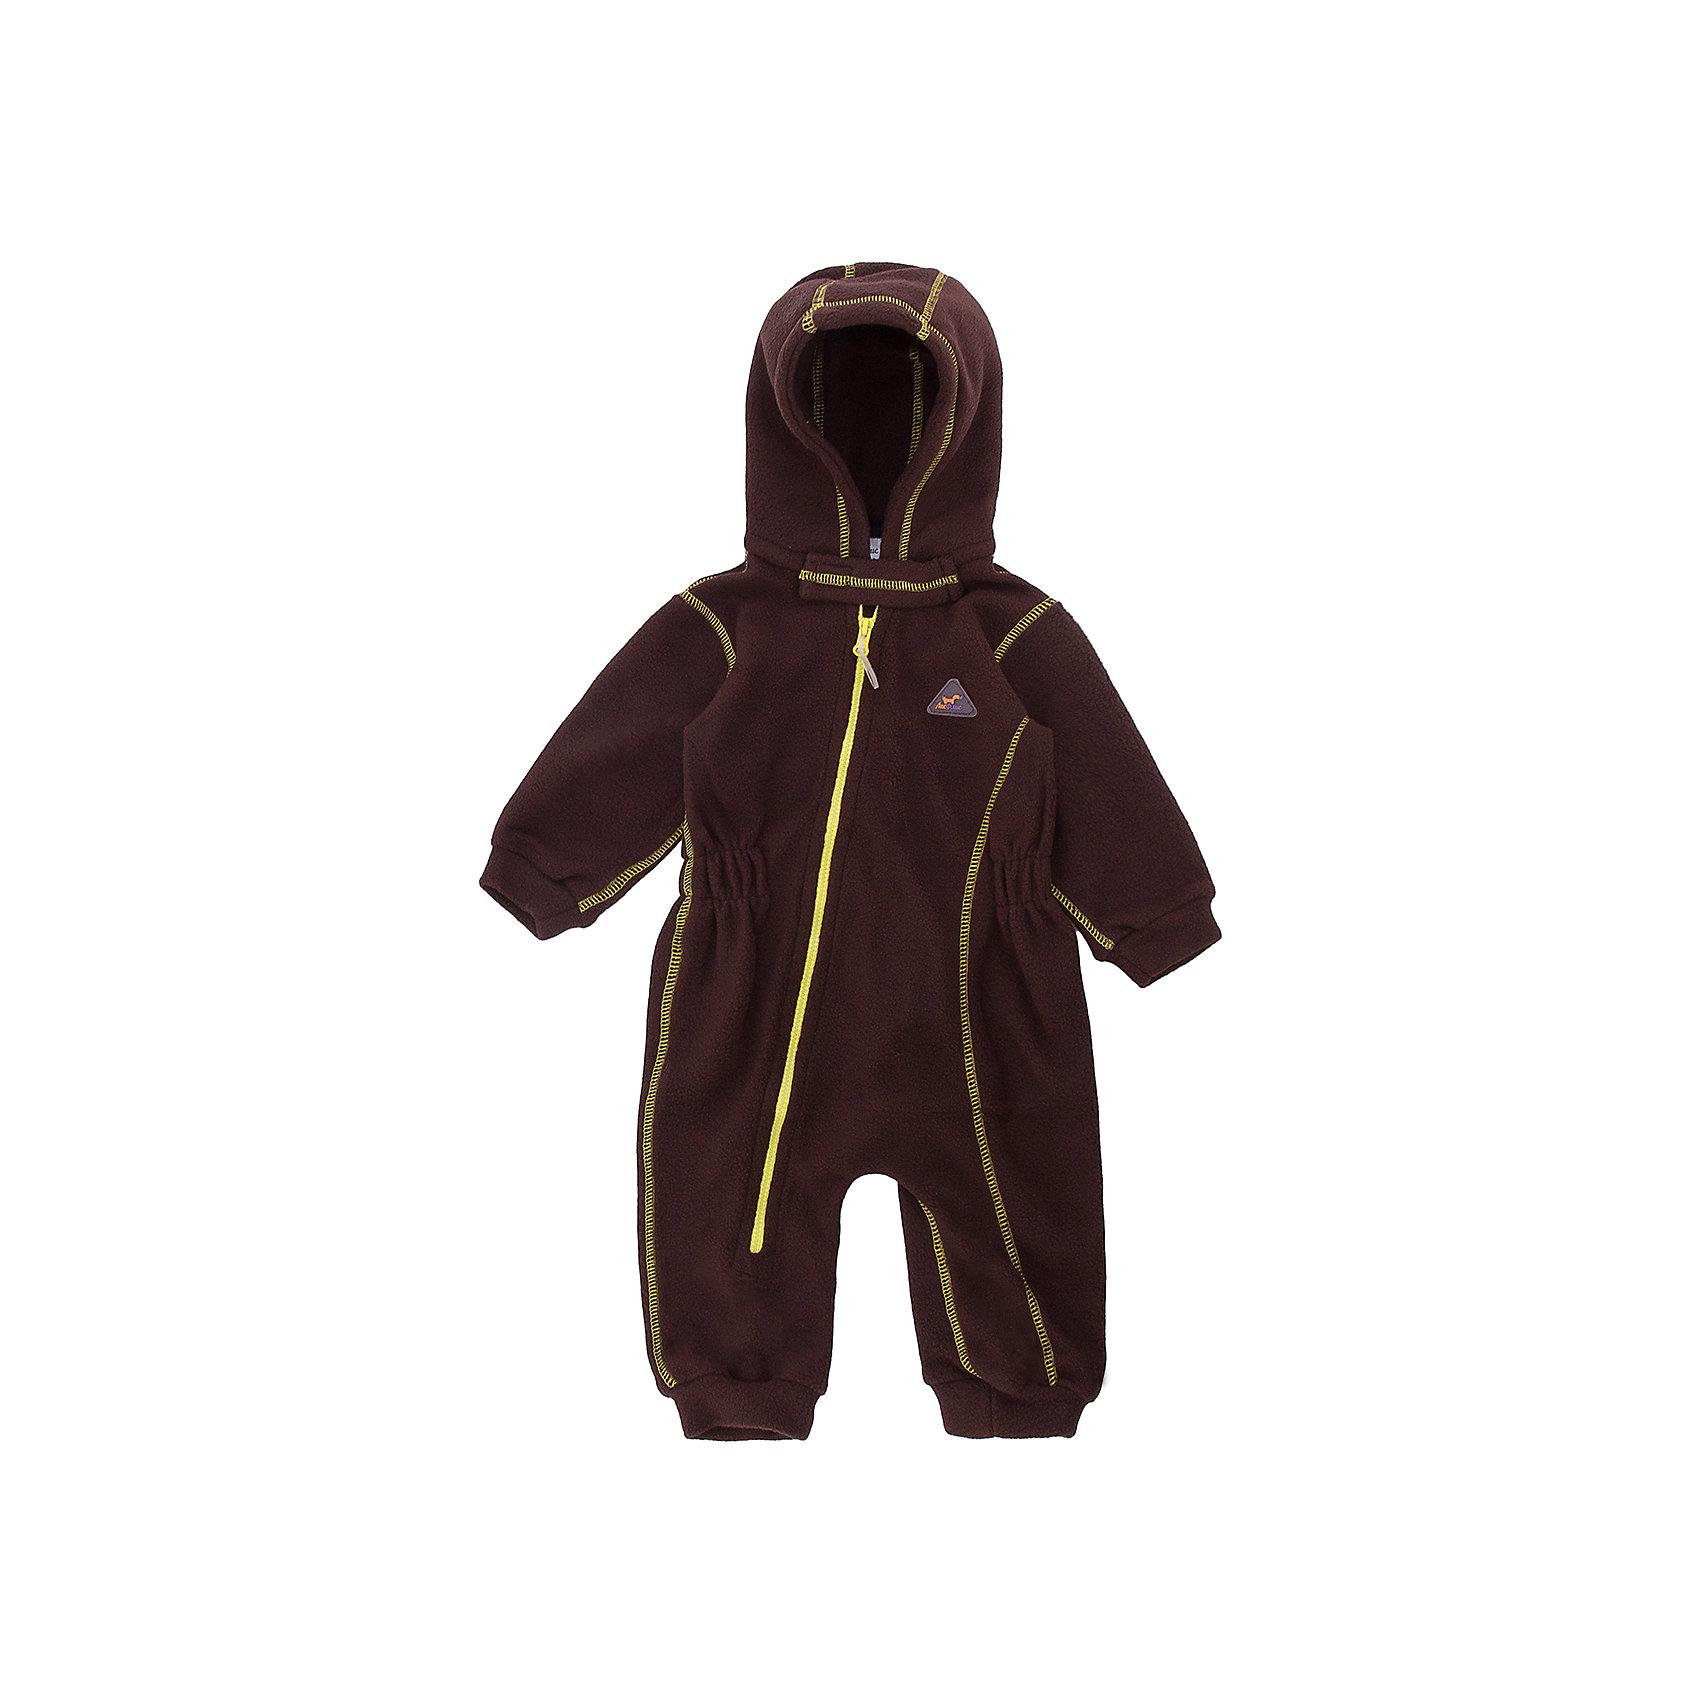 Комбинезон для малышей Шоколад ЛисФлис для мальчикаФлис и термобелье<br>Характеристики товара:<br><br>• цвет: коричневый;<br>• состав: 100% полиэстер, флис;<br>• сезон: зима;<br>• особенности: флисовый, с капюшоном;<br>• застежка: молния по диагонали;<br>• защита подбородка от защемления;<br>• эластичные манжеты на рукавах и штанинах;<br>• страна бренда: Россия;<br>• страна производства: Россия.<br><br>Флисовый комбинезон на молнии. Изделие можно одевать как поддеву (дополнительный утепляющий слой) под мембранную одежду при минусовой температуре. А как самостоятельный элемент одежды (верхний слой) от +10 градусов. Прочная молния комбинезона расстегивается и застегивается одним движением руки. Флисовый комбинезон с капюшоном.<br><br>Комбинезон для малышей Шоколад ЛисФлис можно купить в нашем интернет-магазине.<br><br>Ширина мм: 356<br>Глубина мм: 10<br>Высота мм: 245<br>Вес г: 519<br>Цвет: желтый<br>Возраст от месяцев: 12<br>Возраст до месяцев: 15<br>Пол: Мужской<br>Возраст: Детский<br>Размер: 62,68,74,80<br>SKU: 7052640